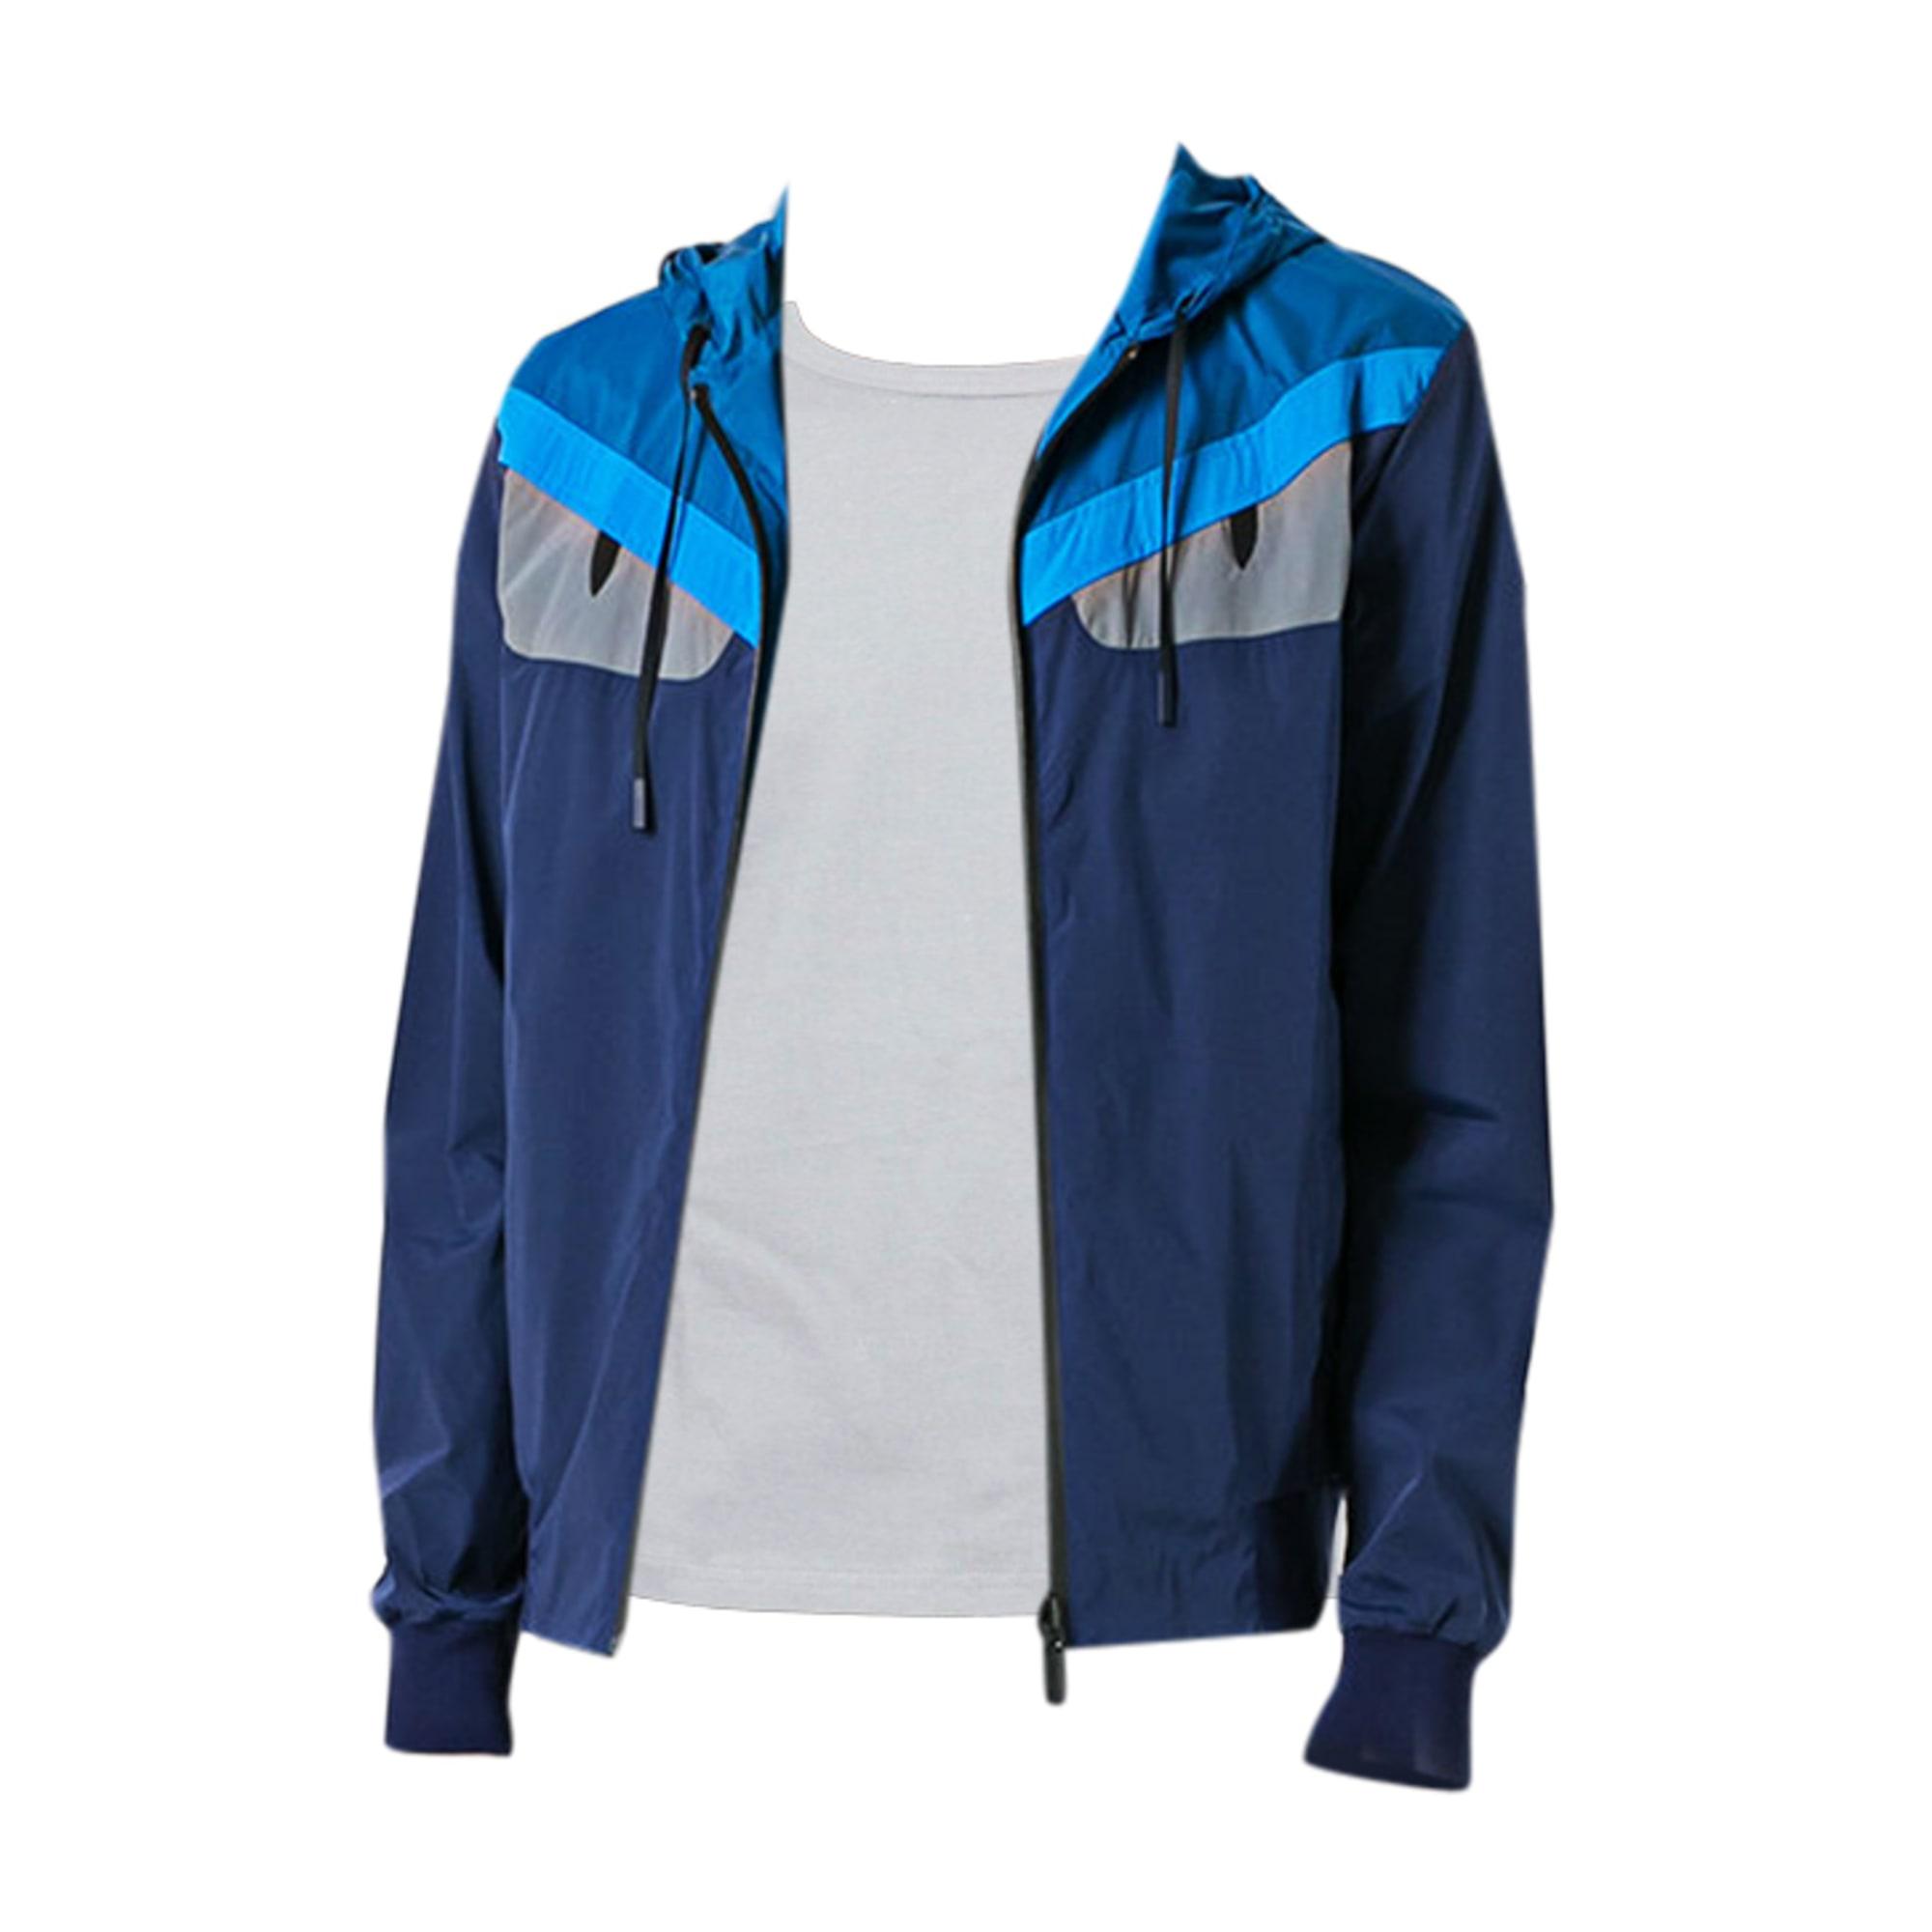 b2daa9084546 Veste FENDI Bleu, bleu marine, bleu turquoise